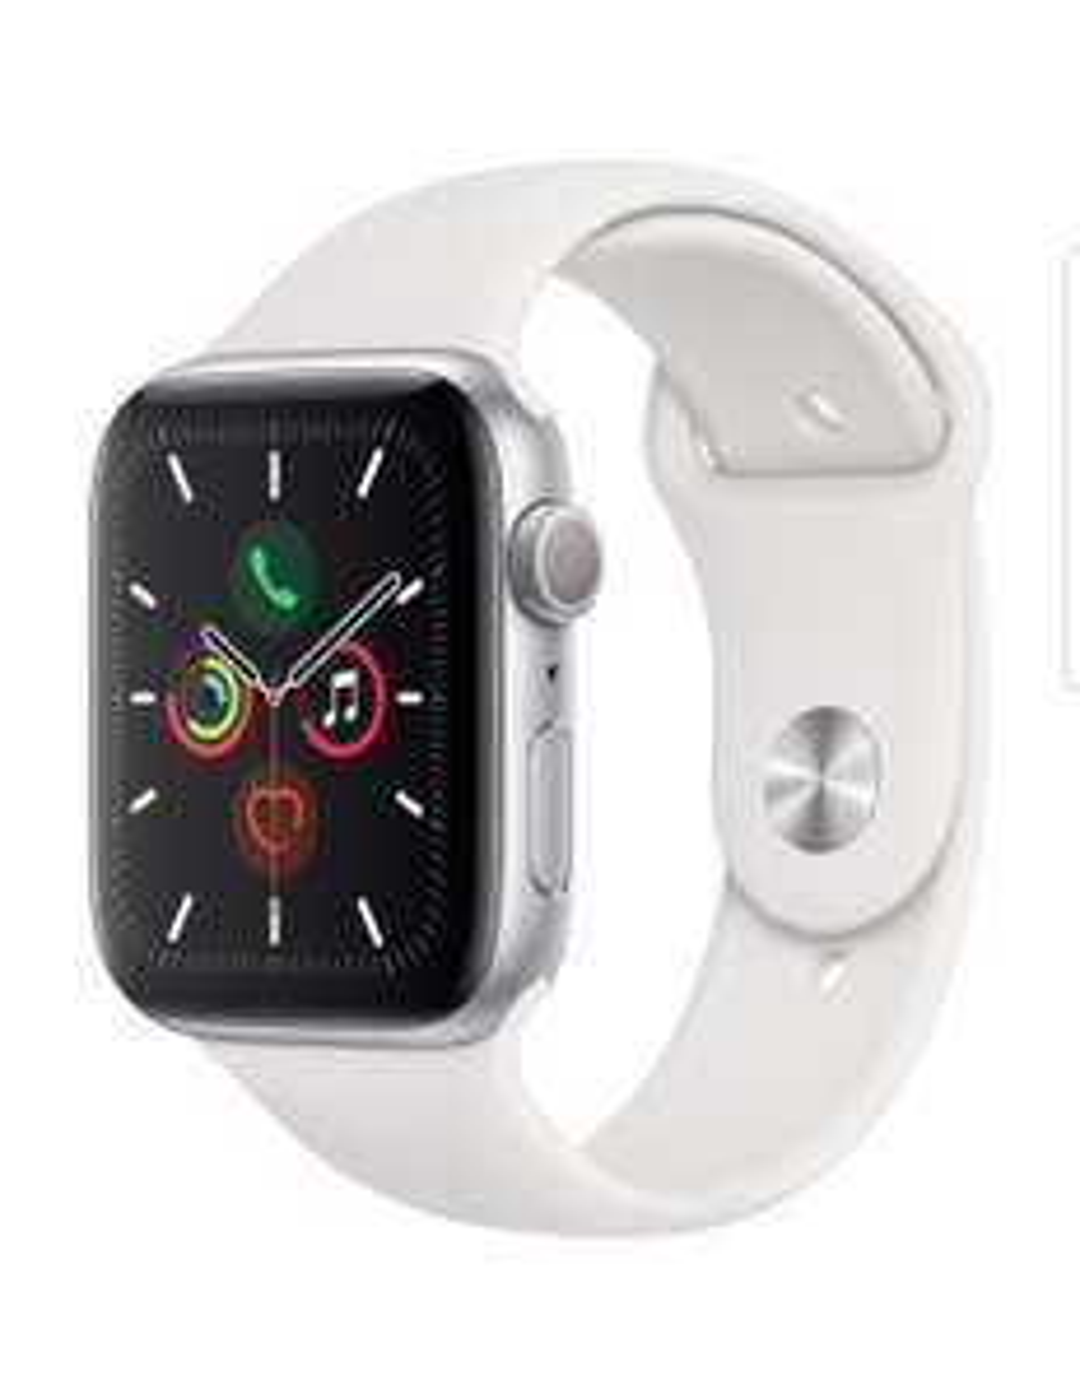 [Alternate Outlet] Apple Watch Series 5 44mm Sportarmband Aluminium Silber (B-Ware)